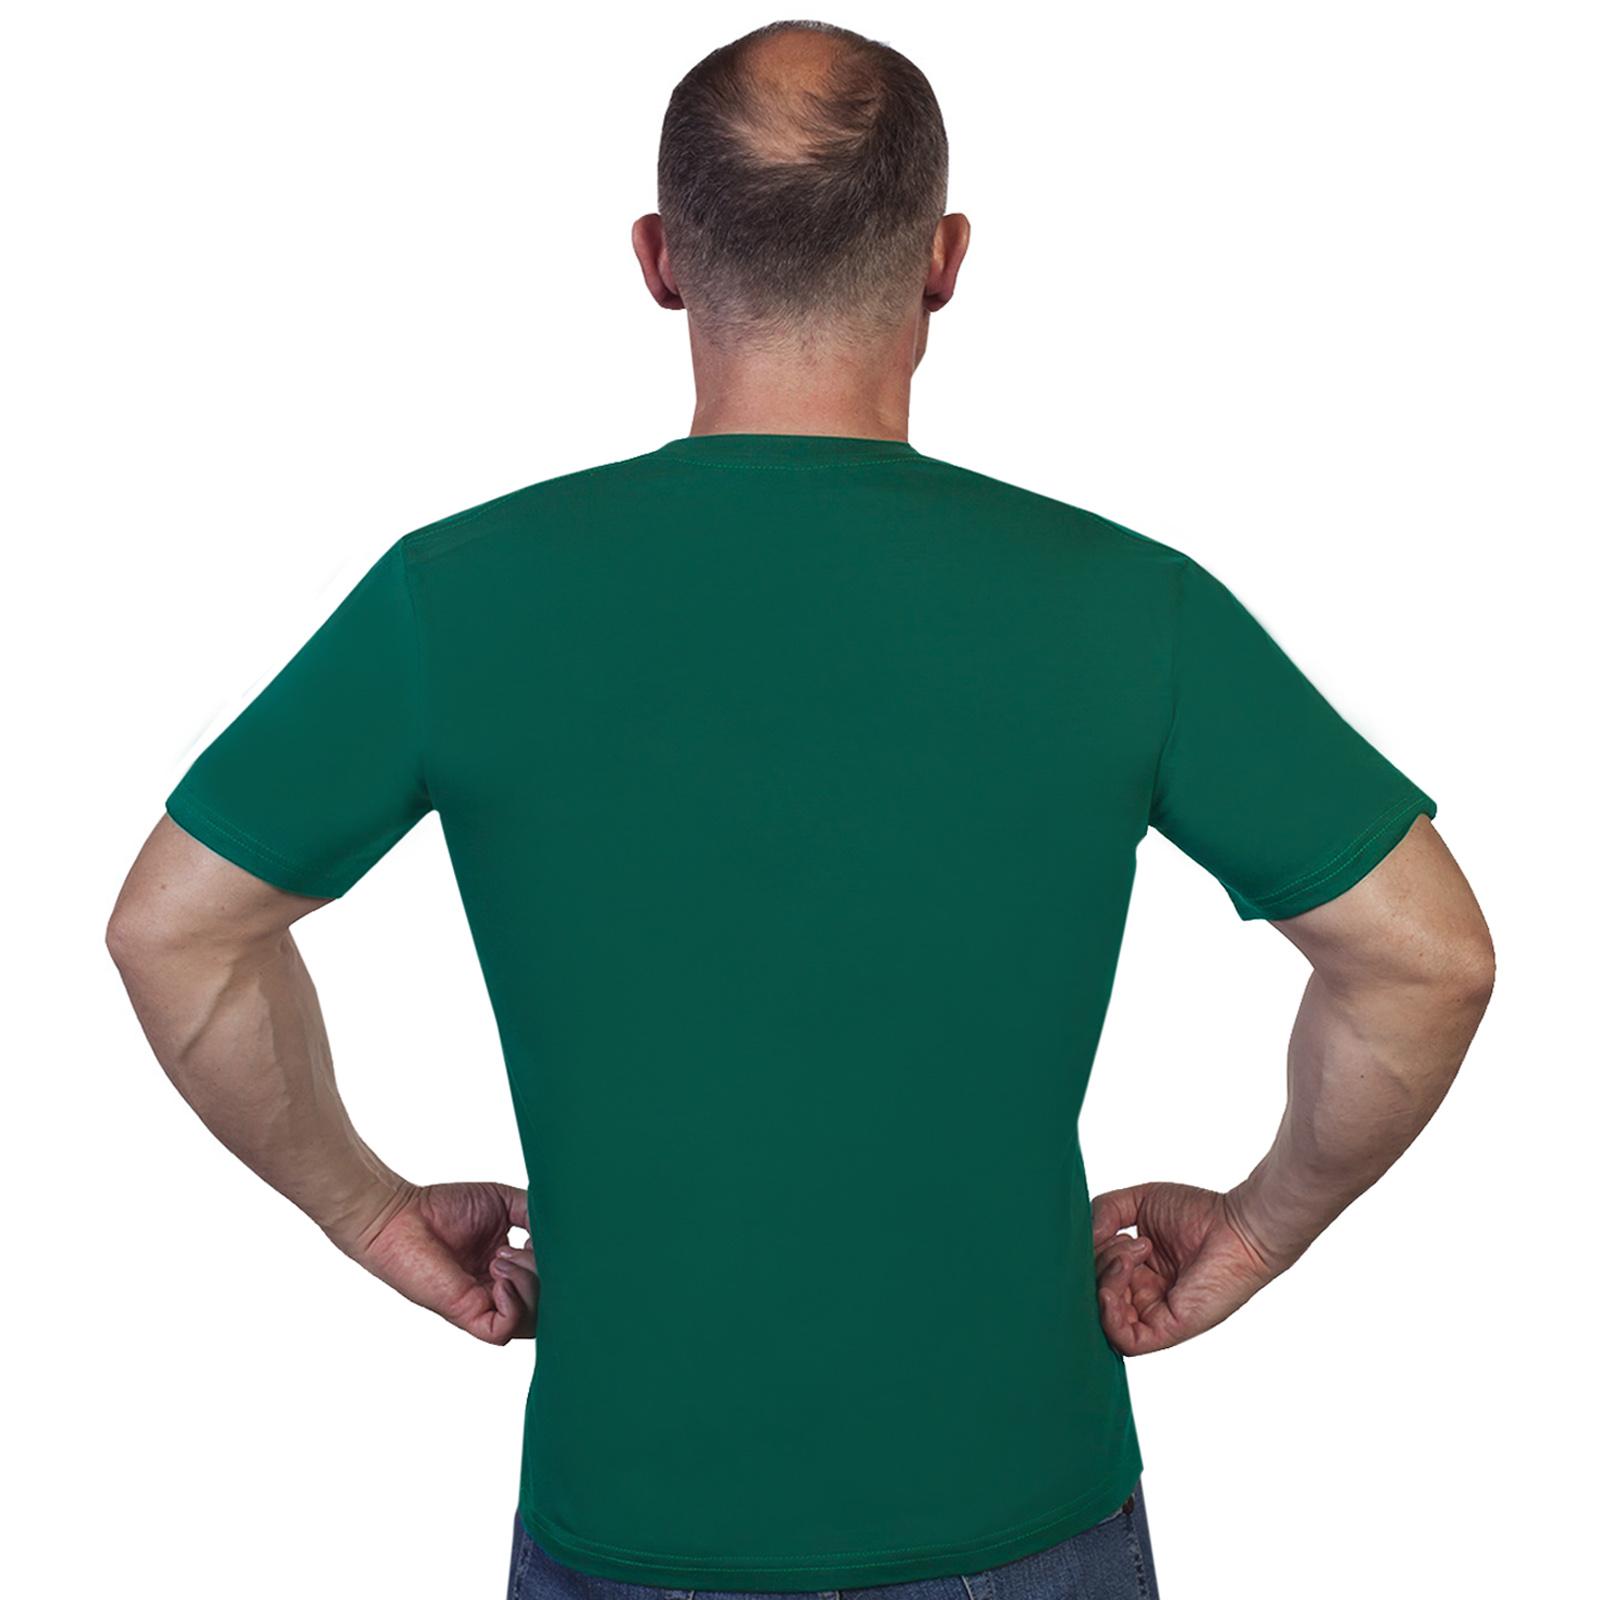 Зелёная футболка 101 Алакурттинский пограничный отряд